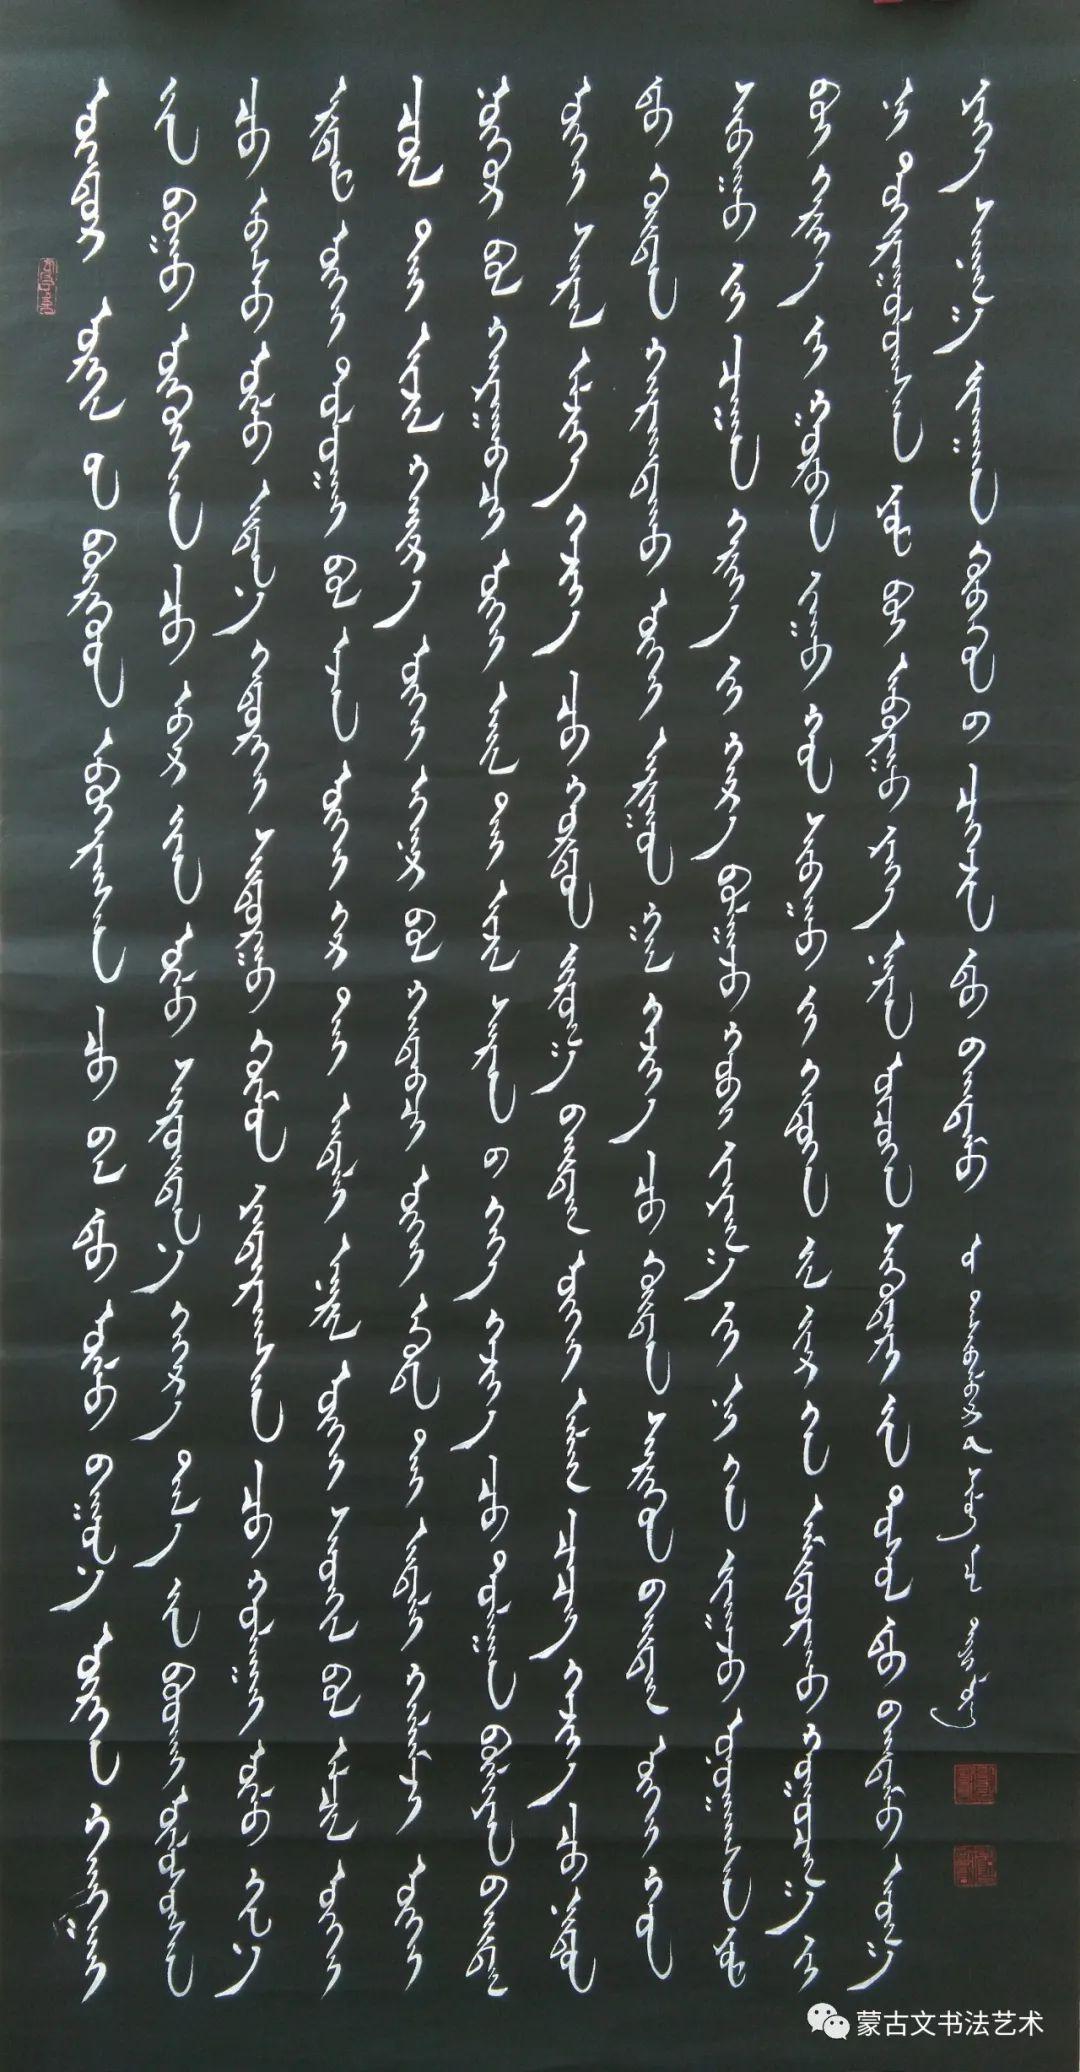 铁龙蒙古文书法 第2张 铁龙蒙古文书法 蒙古书法